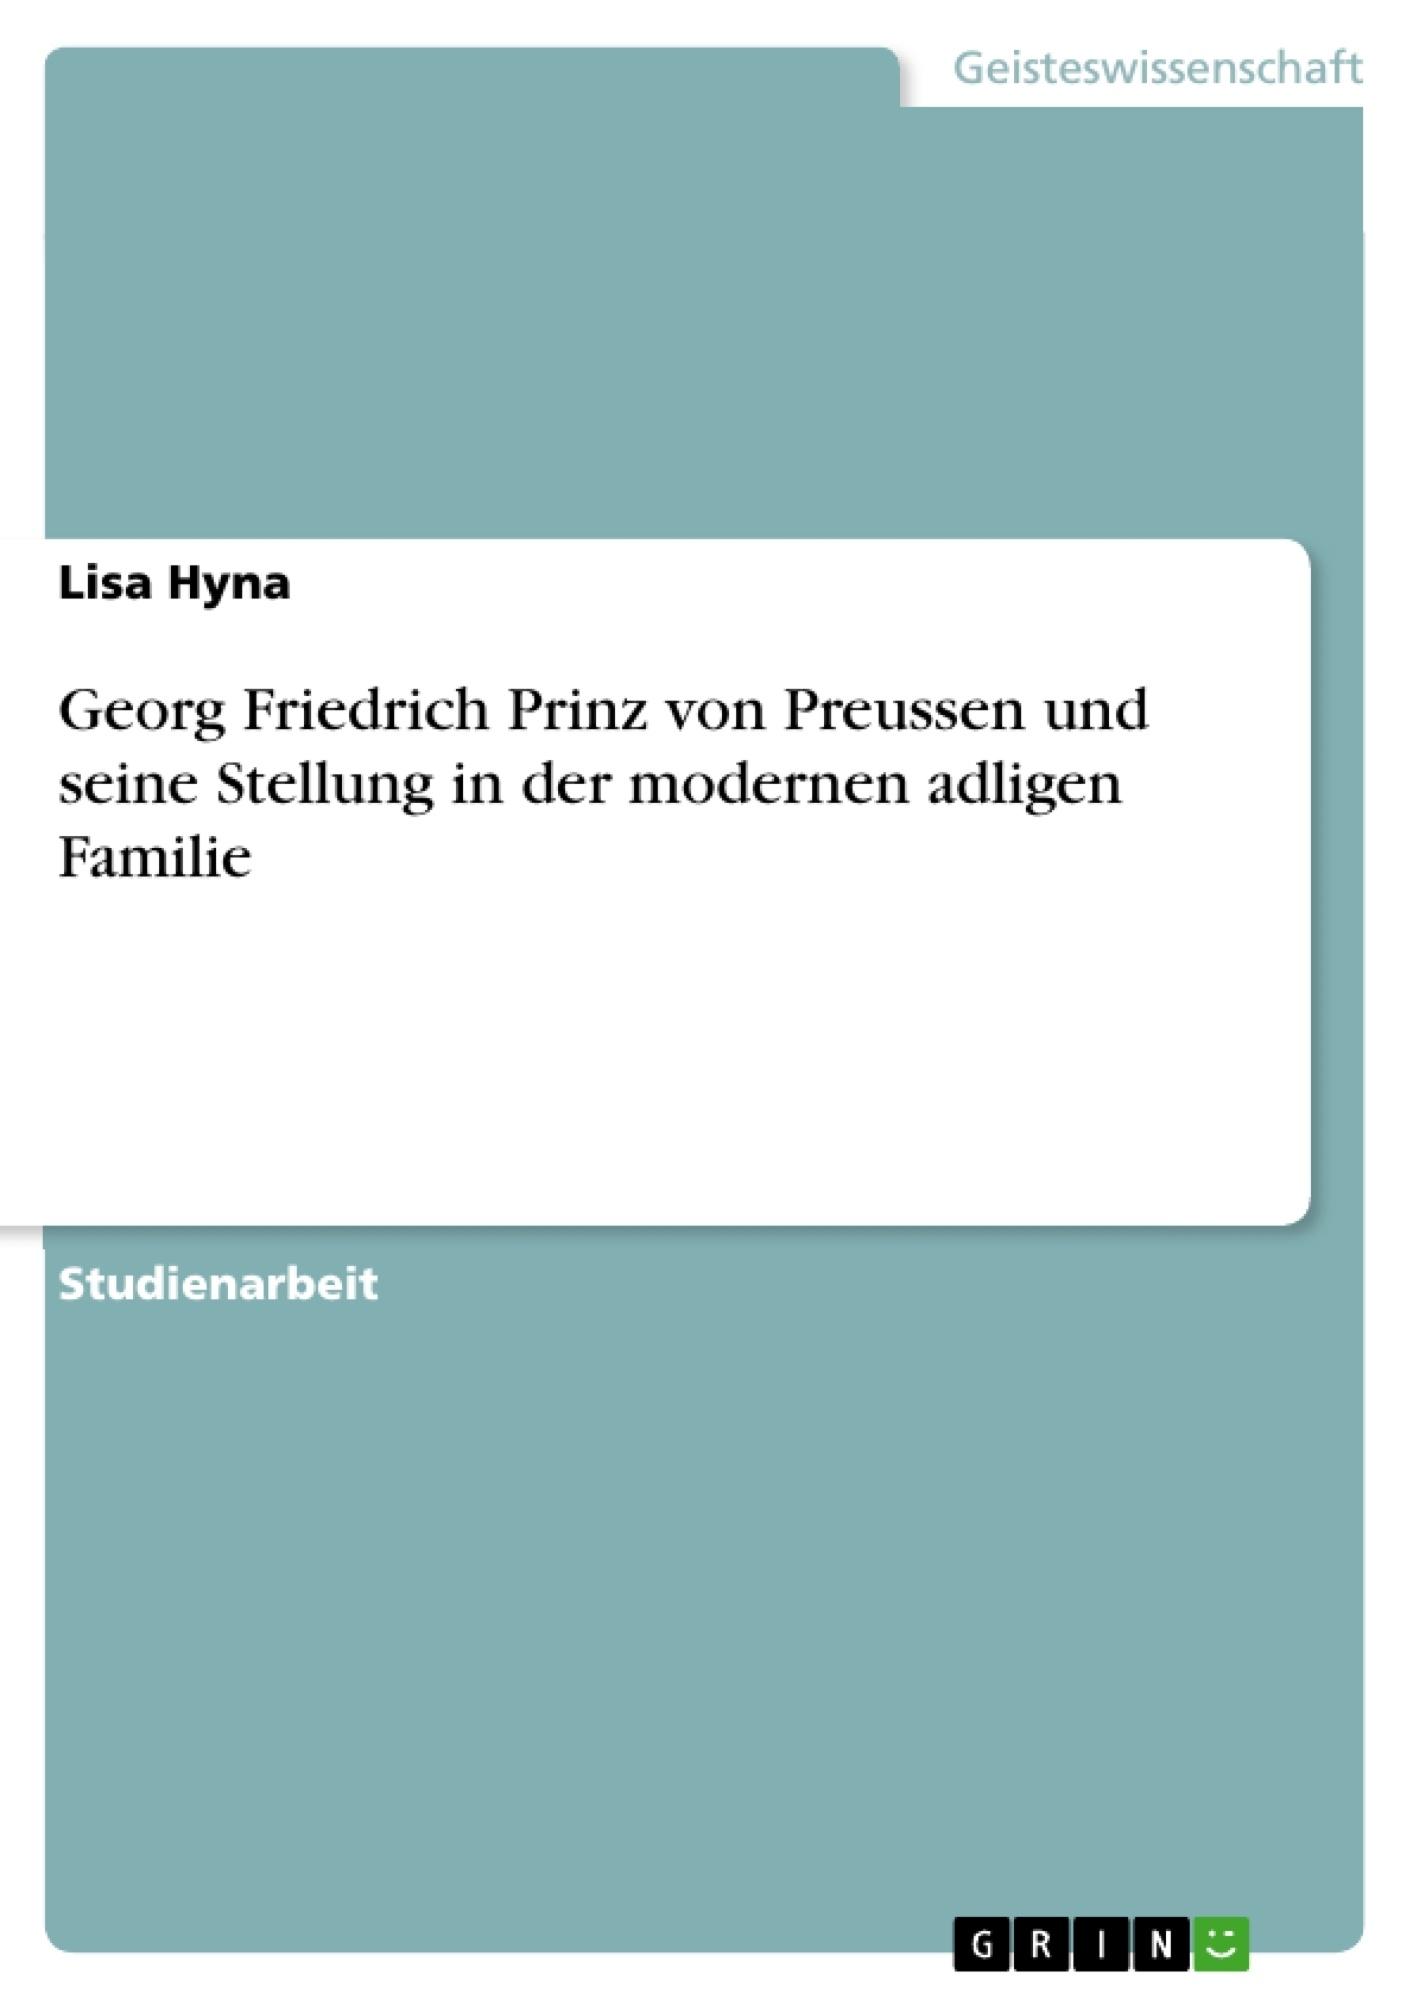 Titel: Georg Friedrich Prinz von Preussen und seine Stellung in der modernen adligen Familie